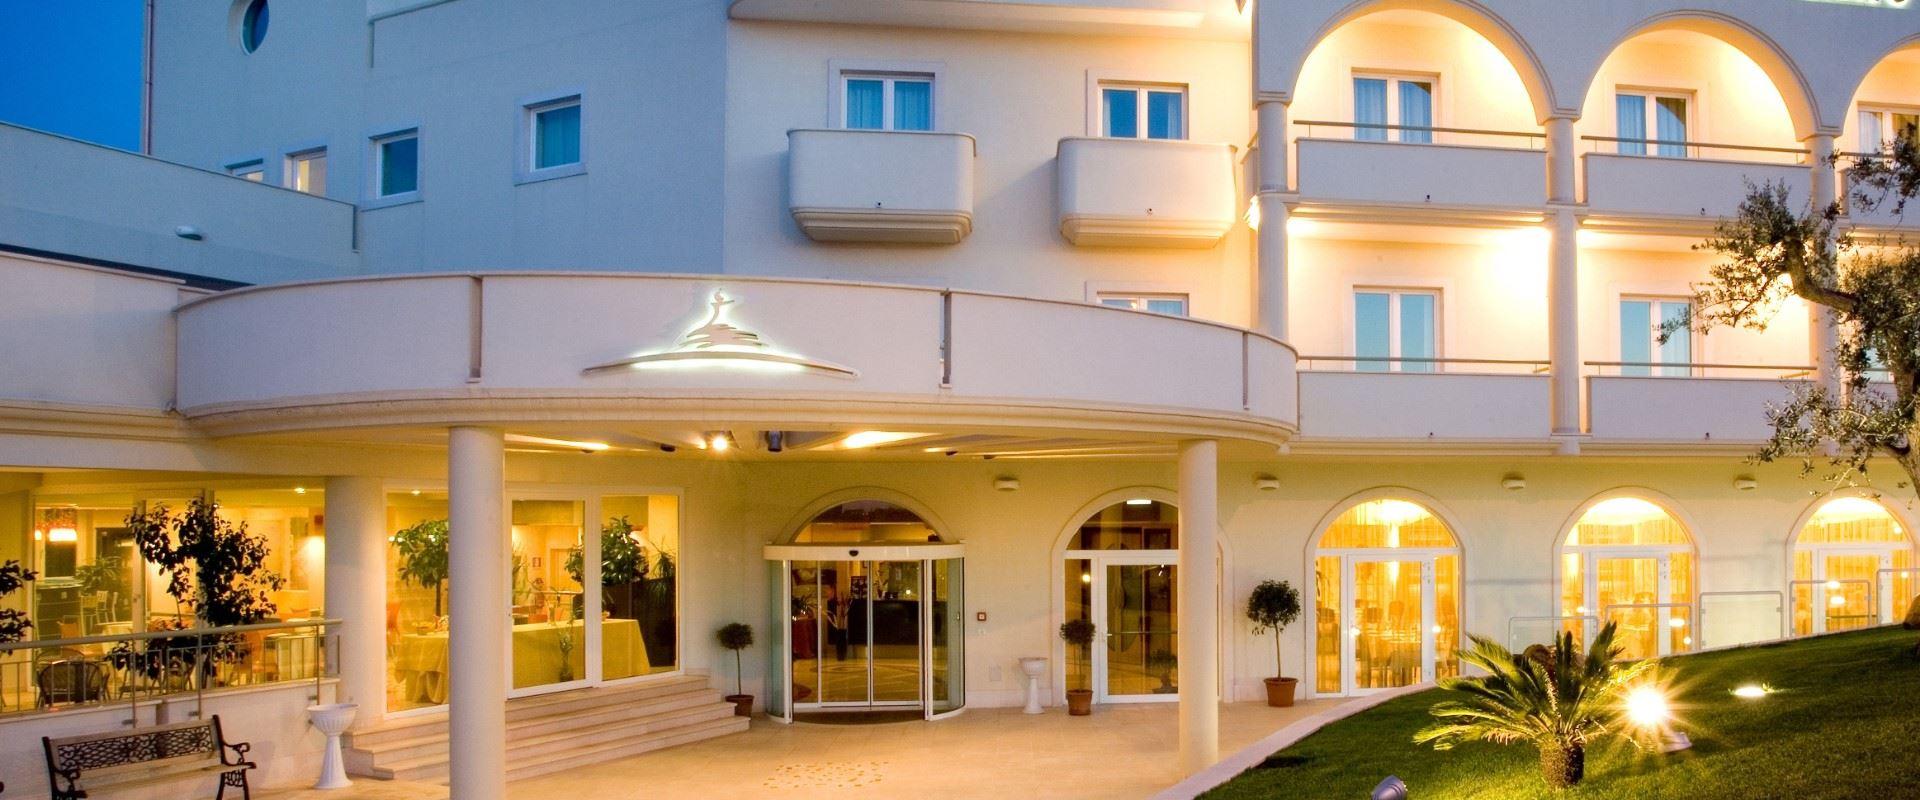 Гранд Отель Олимпо Альберобелло, Апулия , Италия